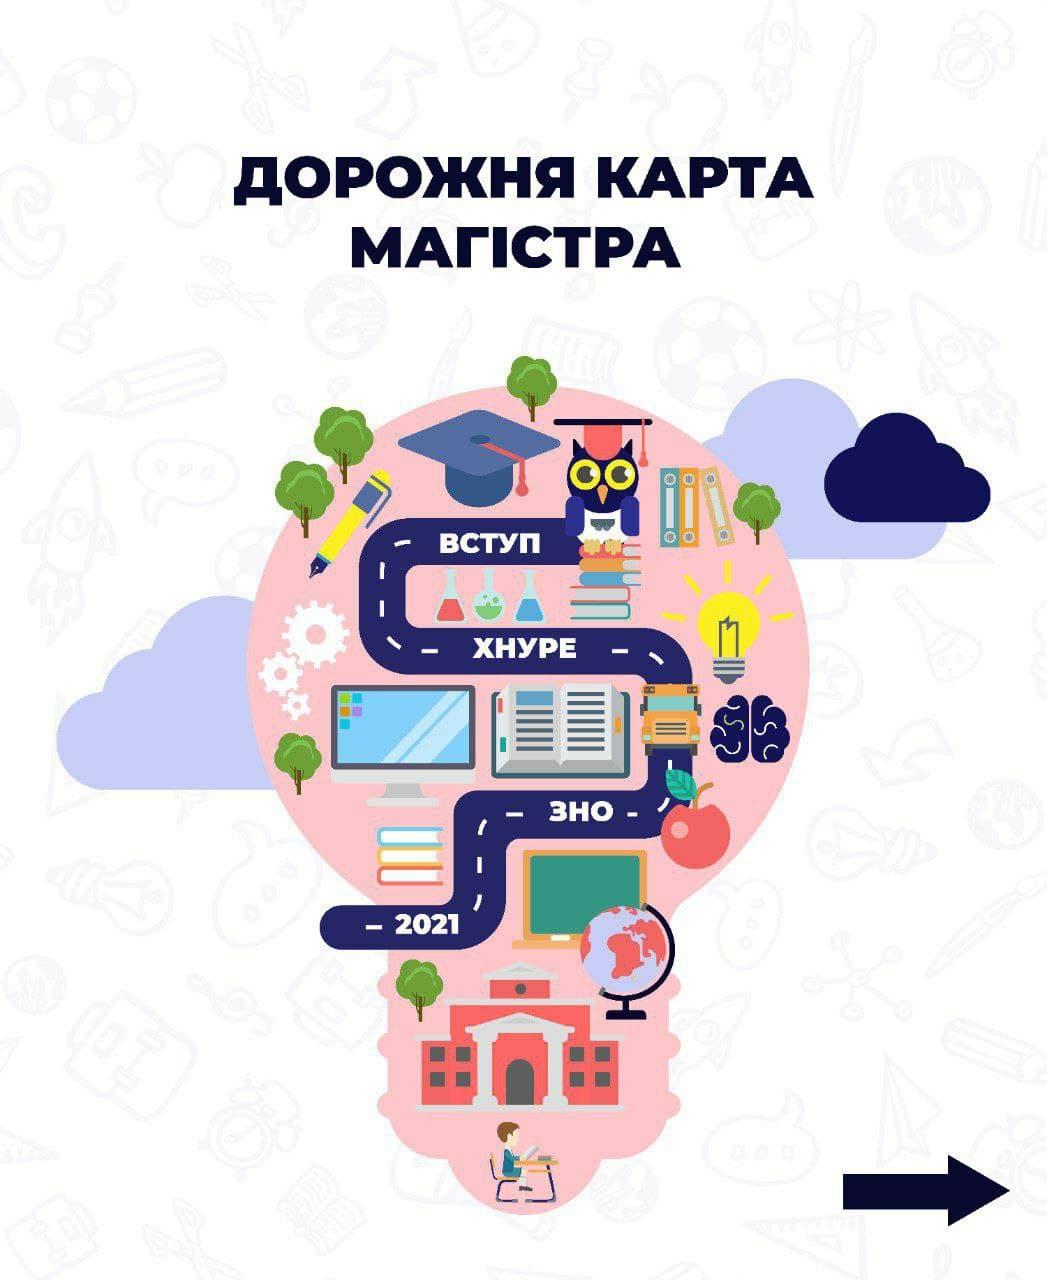 Дорожня карта магiстра